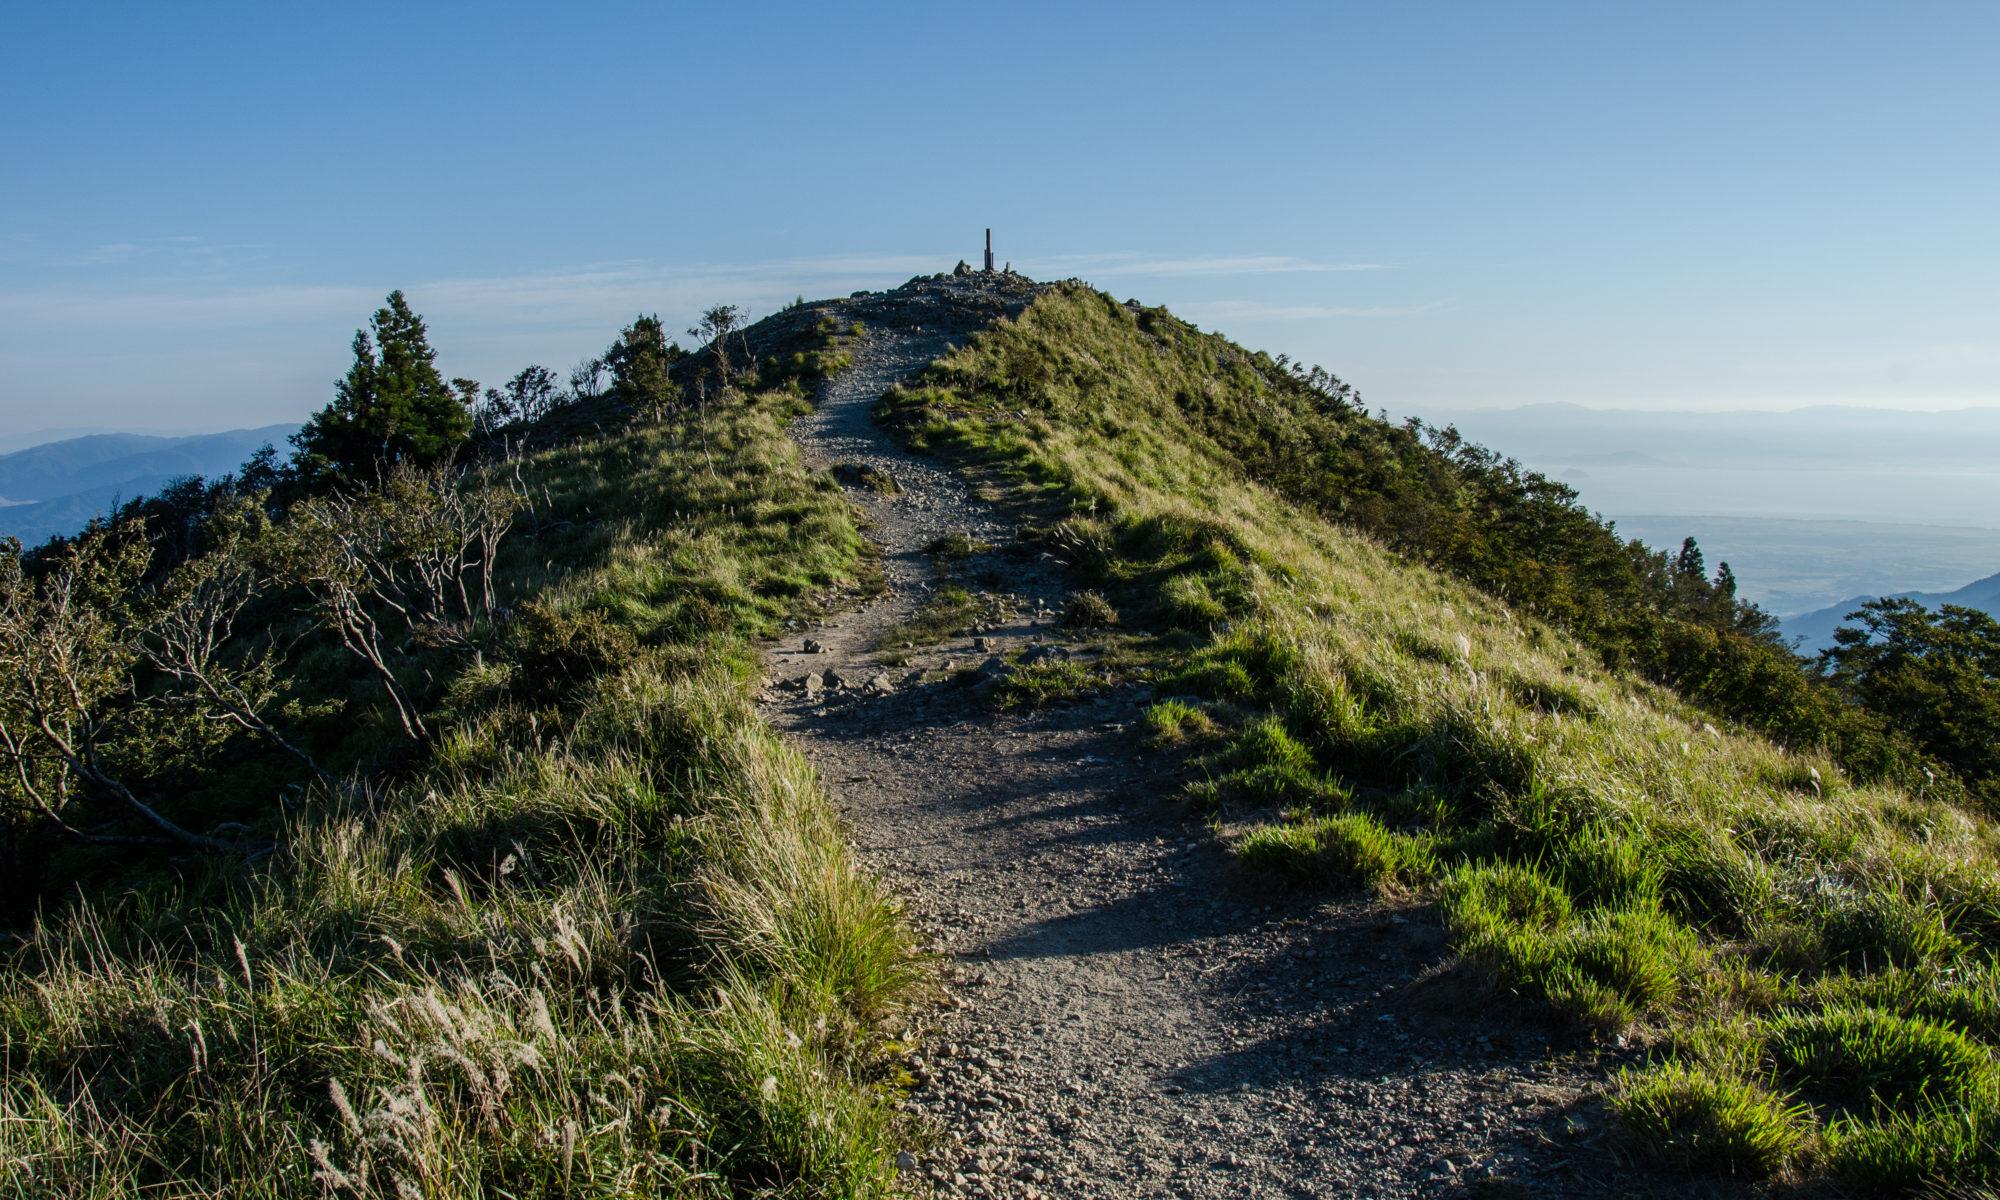 登山・防災用GPSオフラインマップアプリ:SkyWalking - The GPS Logger オフィシャルサイト